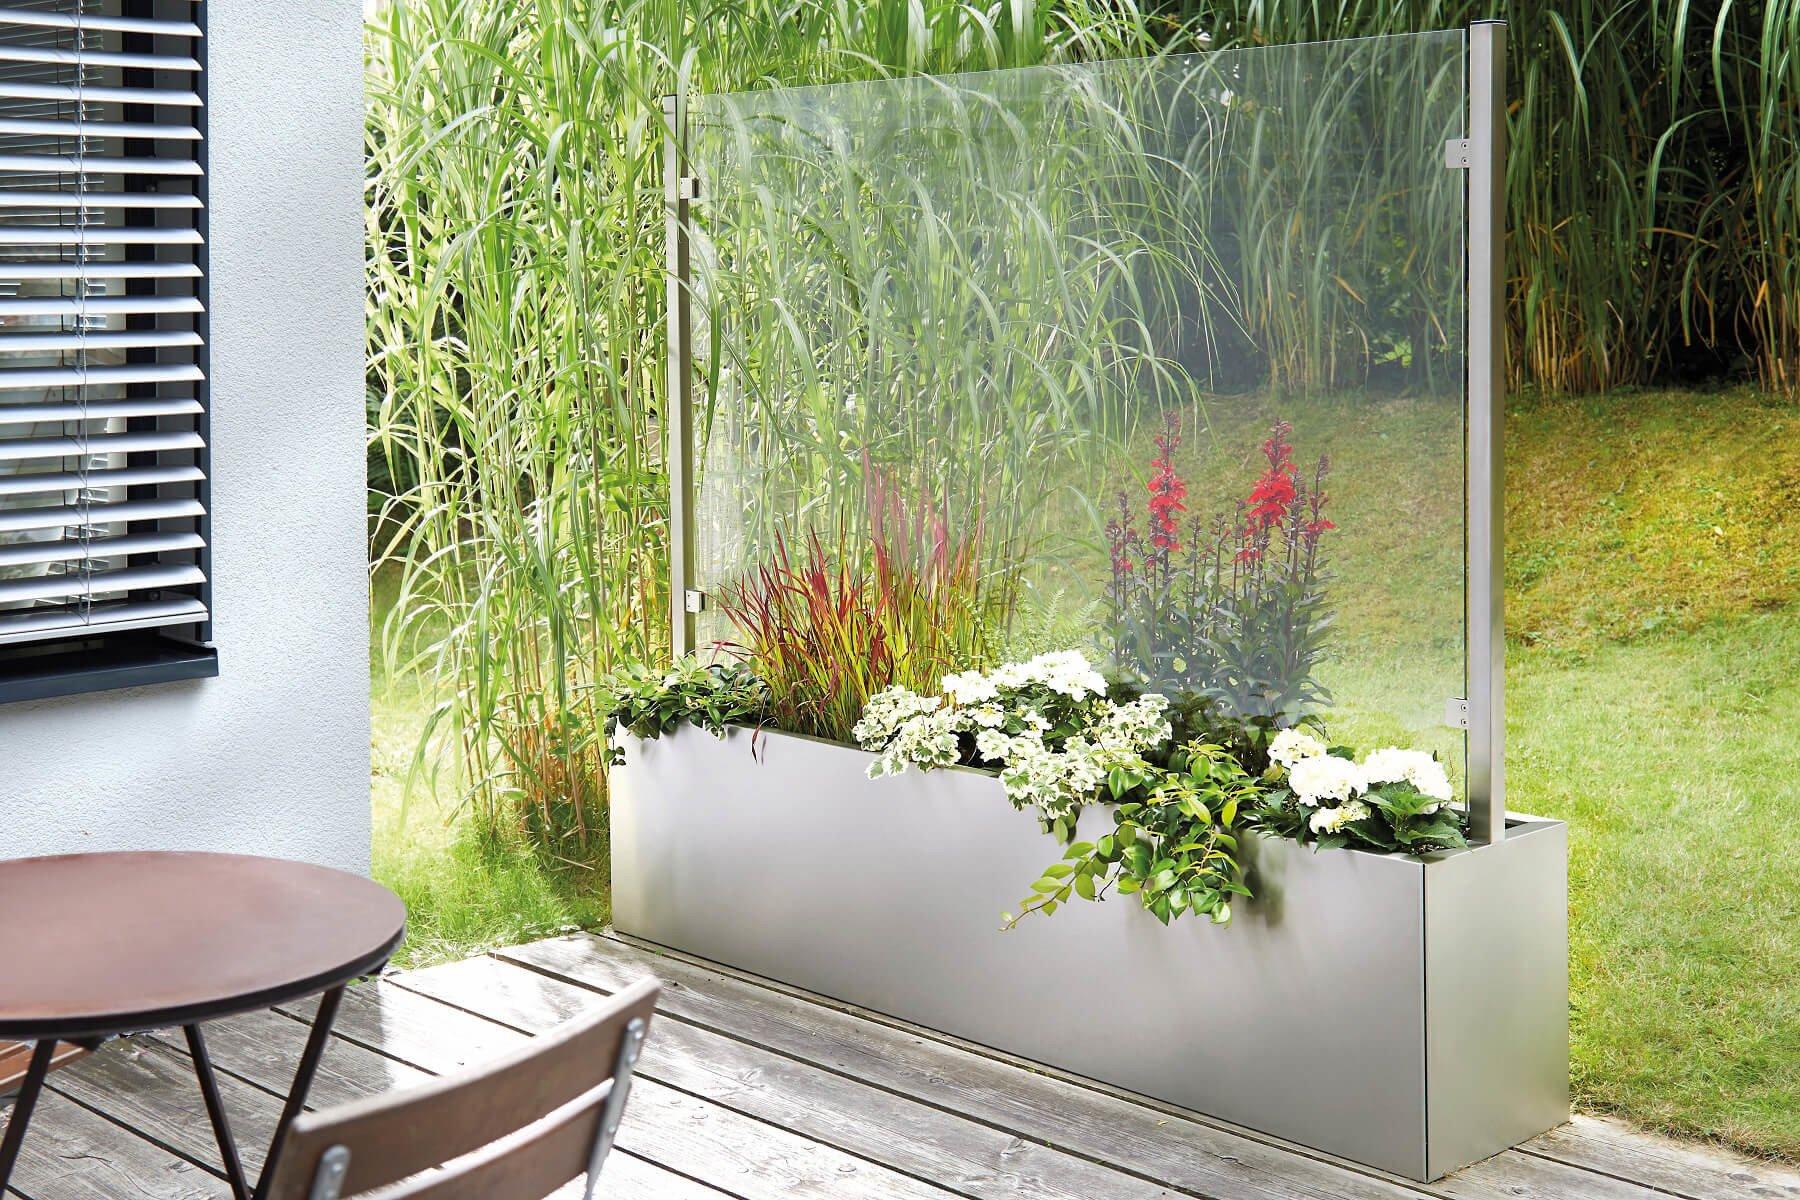 Pflanzkasten mit Wind- und Sichtschutz bepflanzt auf Terrasse